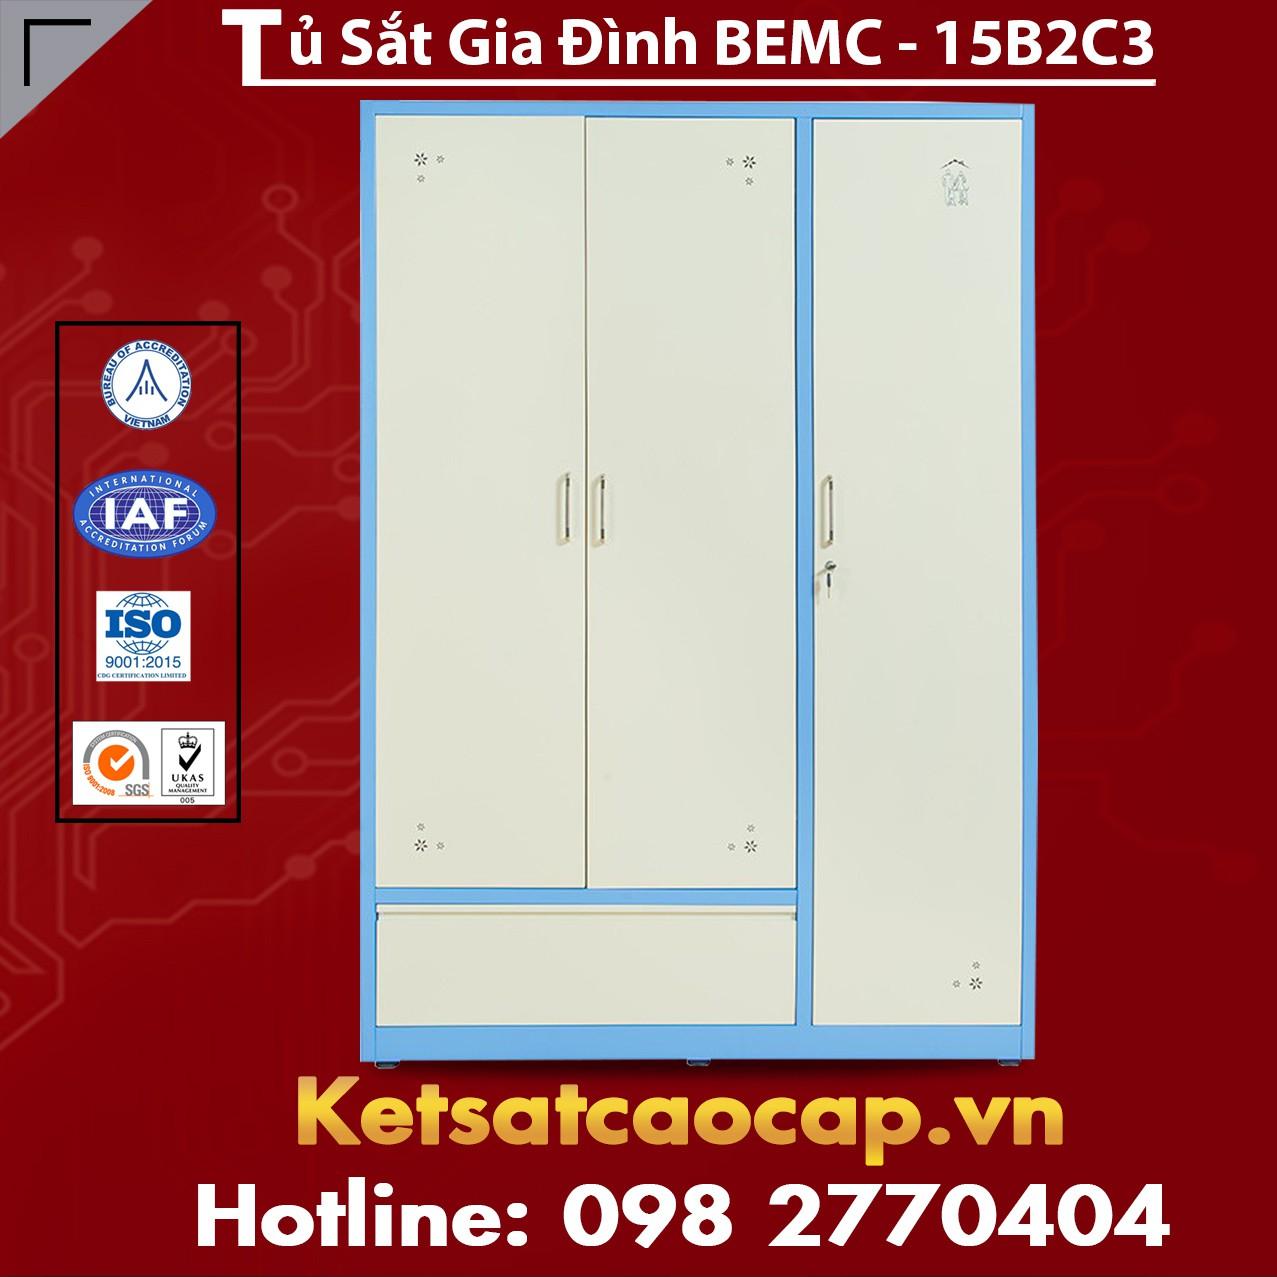 Tủ Sắt Gia Đình BEMC - 15B2C3